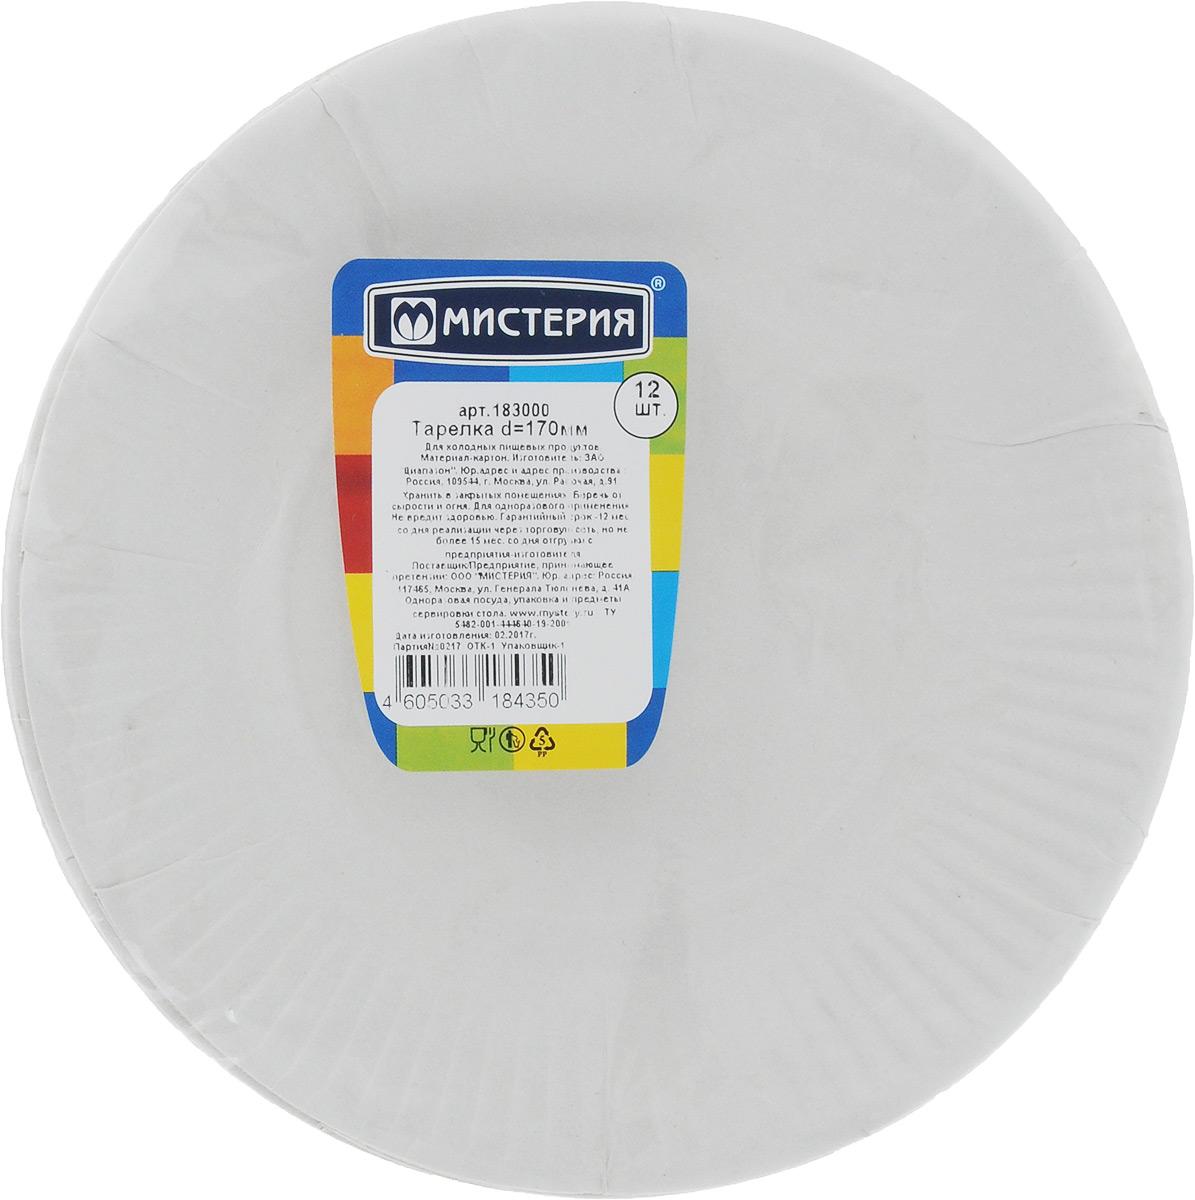 Набор одноразовых тарелок Мистерия, диаметр 17 см, 12 шт183000Набор Мистерия состоит из 12 круглых тарелок, выполненных из картона и предназначенных для одноразового использования. Одноразовые тарелки будут незаменимы при поездках на природу, пикниках и других мероприятиях. Они не займут много места, легки и самое главное - после использования их не надо мыть.Диаметр тарелки (по верхнему краю): 17 см.Высота тарелки: 1,5 см.